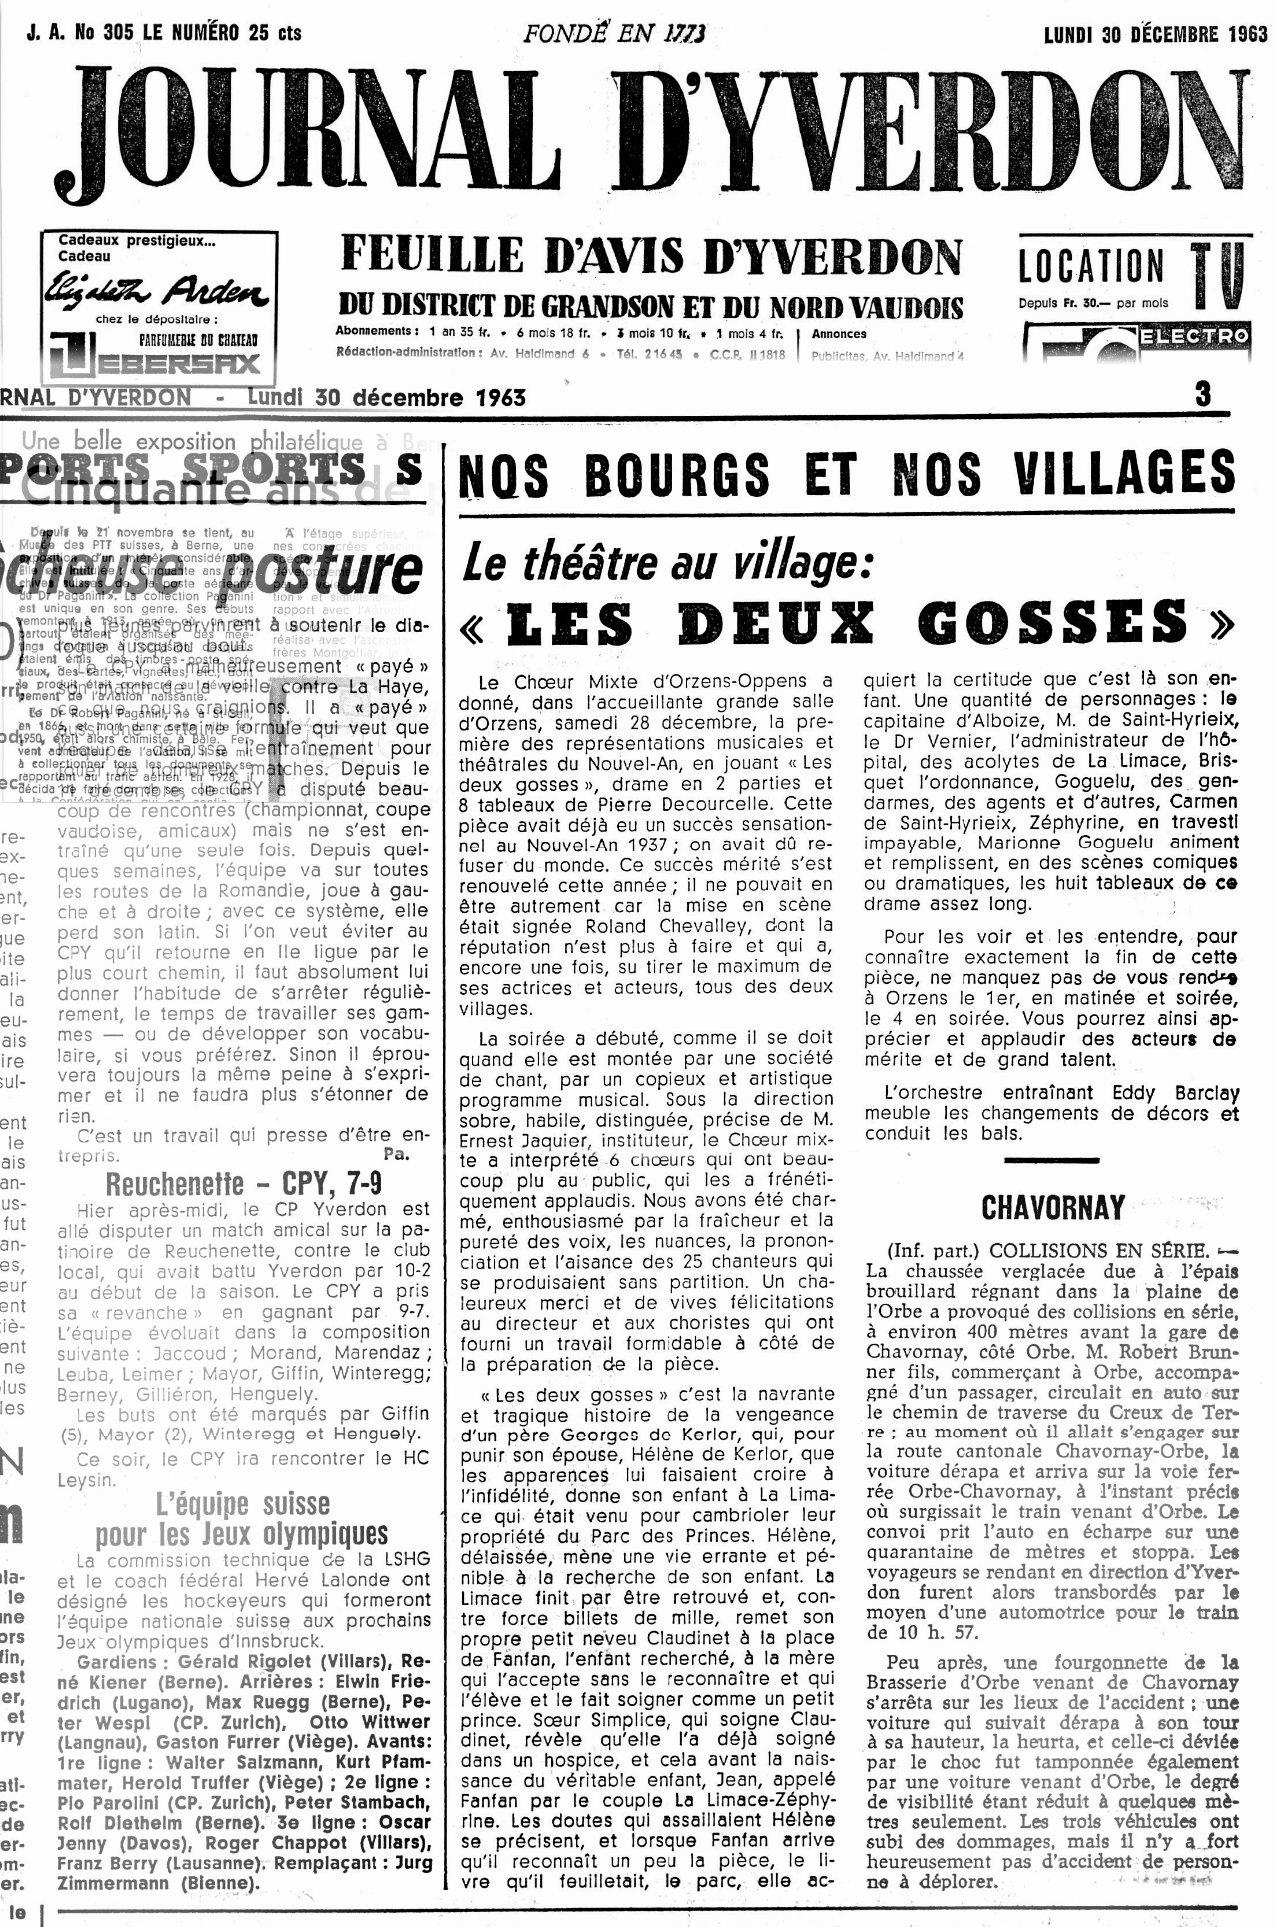 Journal d Yverdon 30 décembre 1963 Les deux Gosses